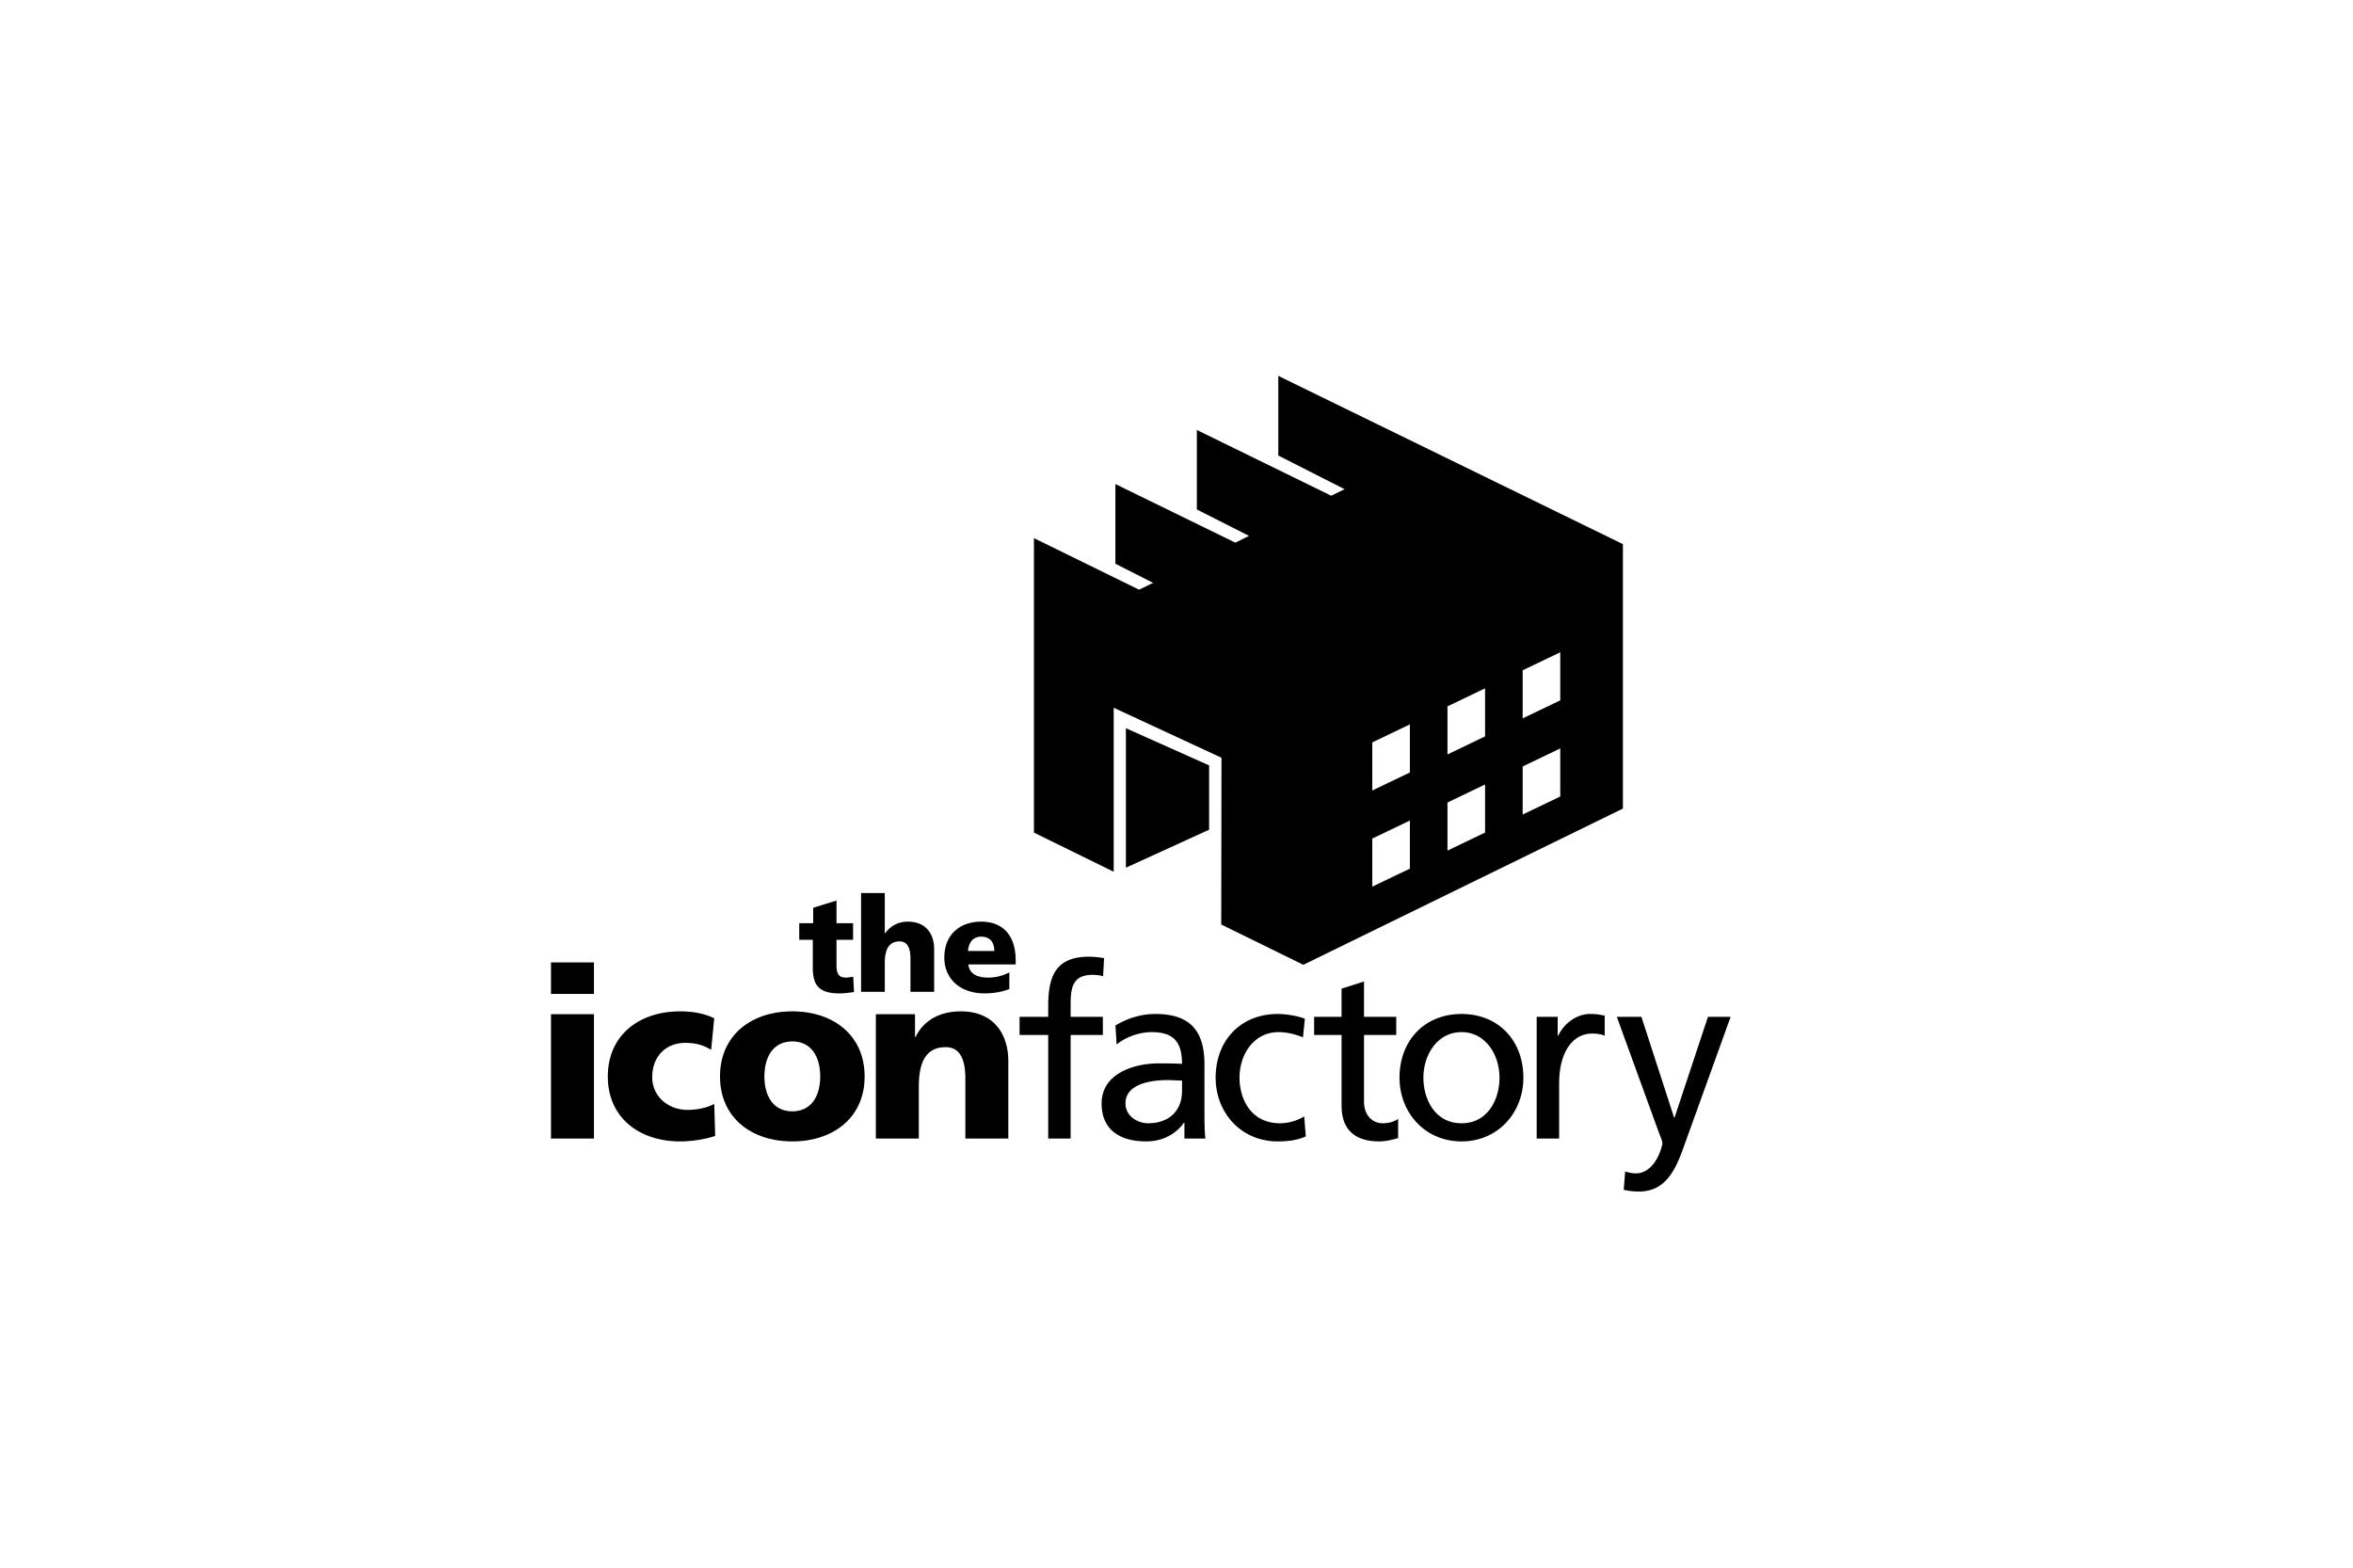 Craig Hockenberry Iconfactory